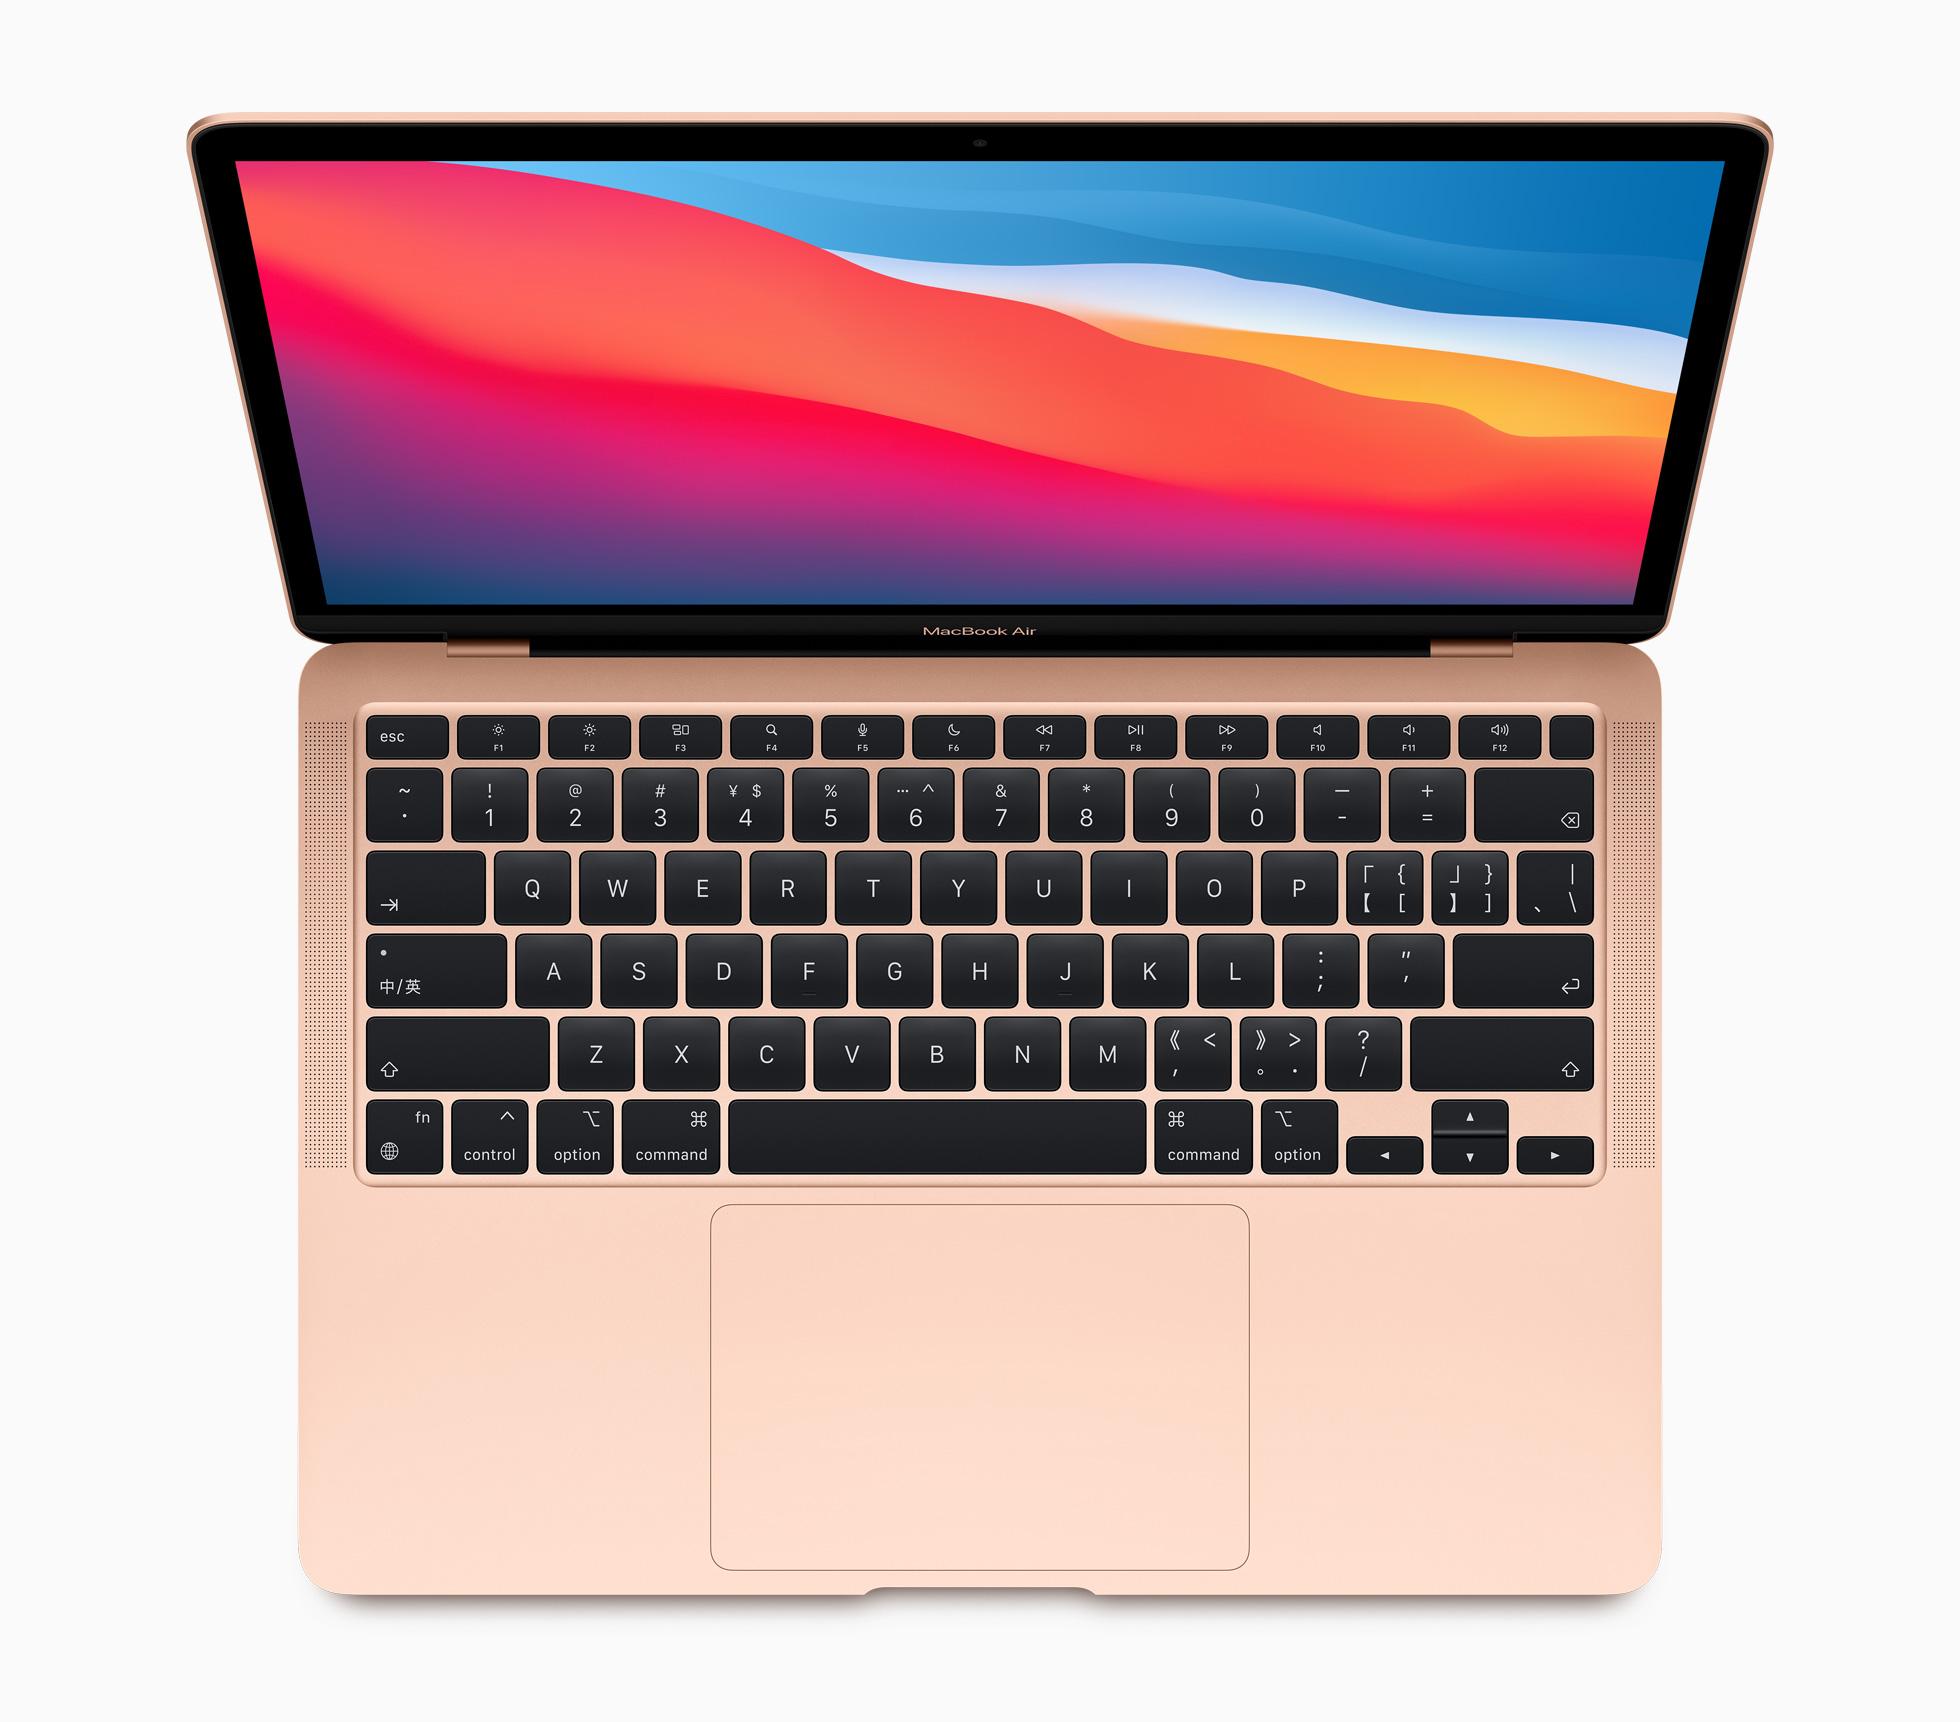 MacBook Air com chip M1 (Imagem: Divulgação/Apple)